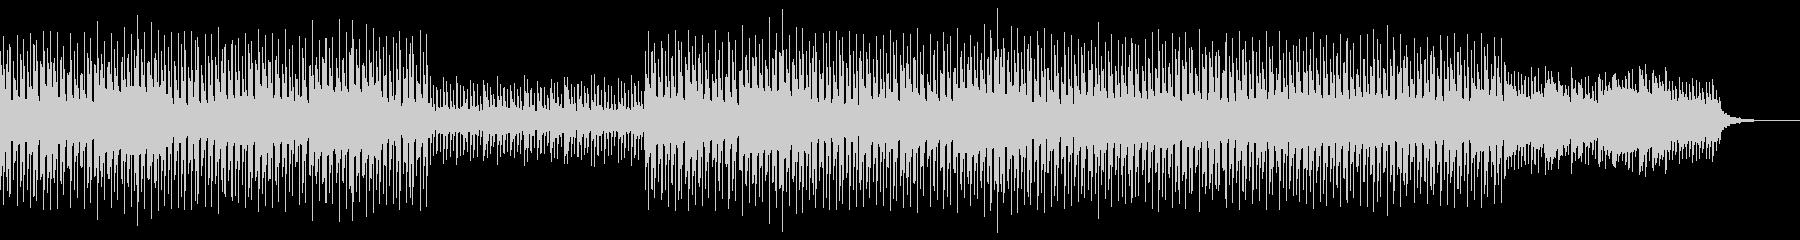 ゆったりとした浮遊感のあるほのぼのした曲の未再生の波形